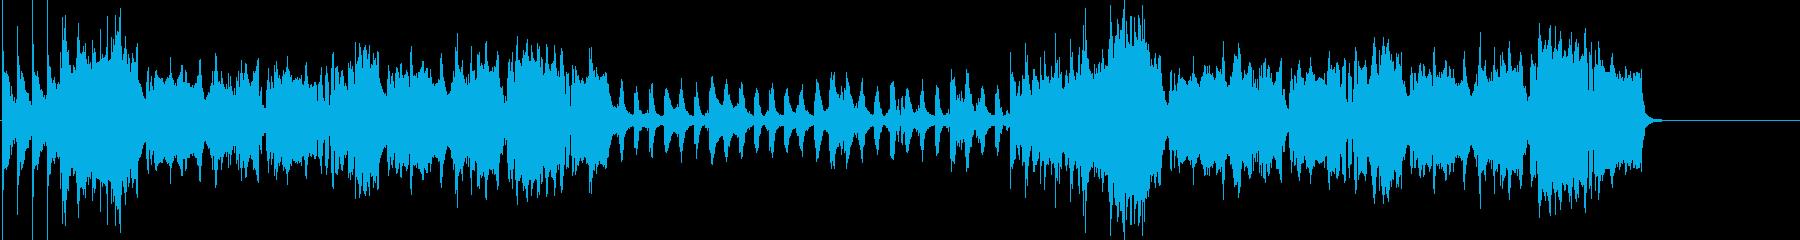 管楽器を中心としたかわいいマーチですの再生済みの波形